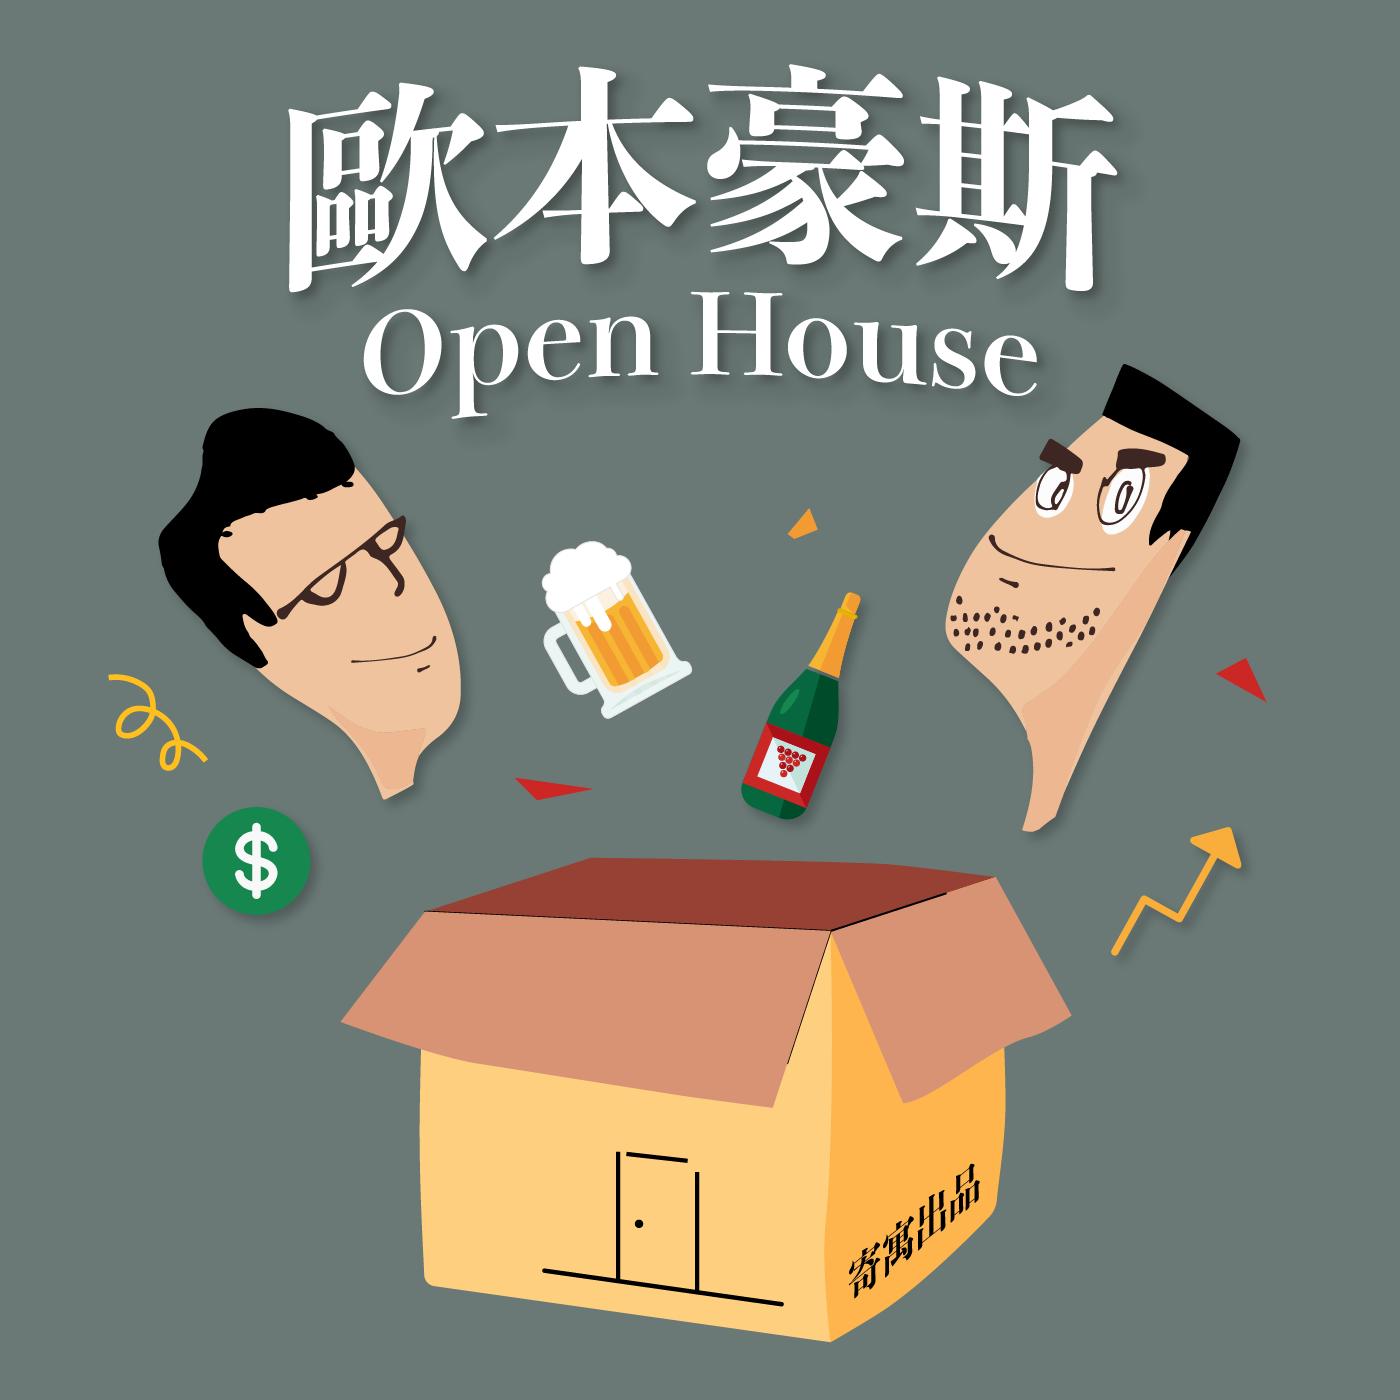 當包租公輕鬆賺?在夾縫中求生存的二房東 ft. Zuker 創辦人 Robyn|Ep.2 歐本豪斯 Open House